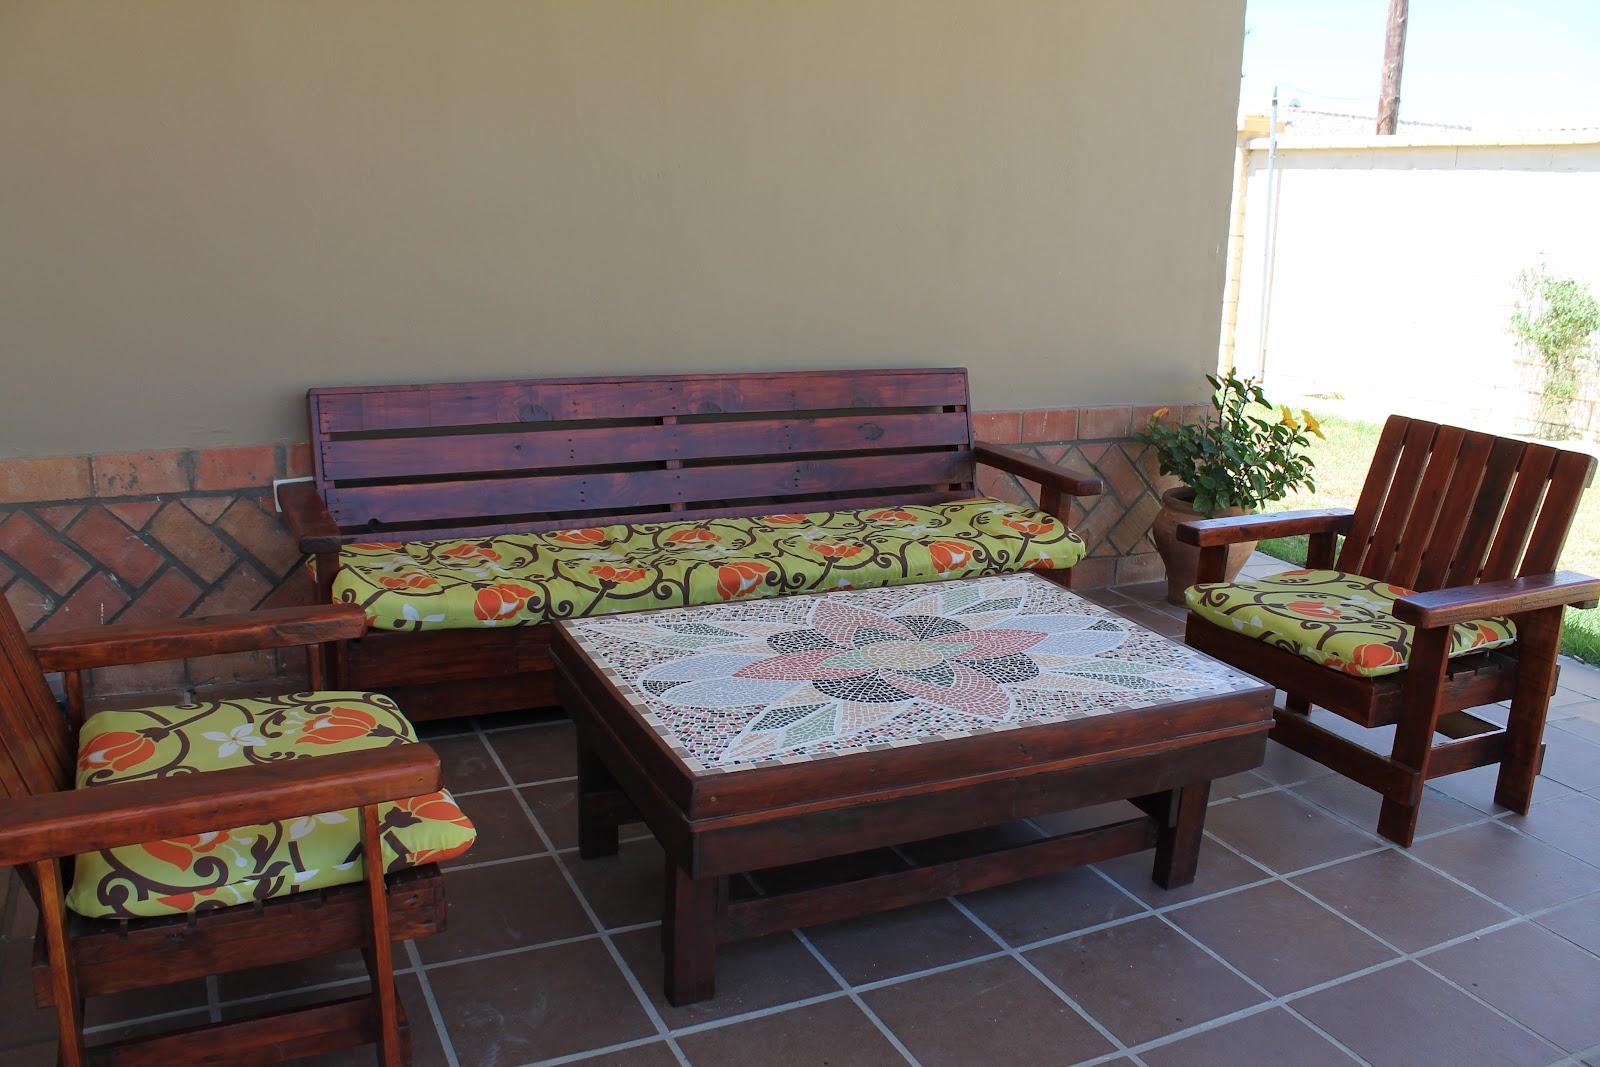 Artesanias labea muebles de exterior 100 reciclados - Trabajar con palets ...